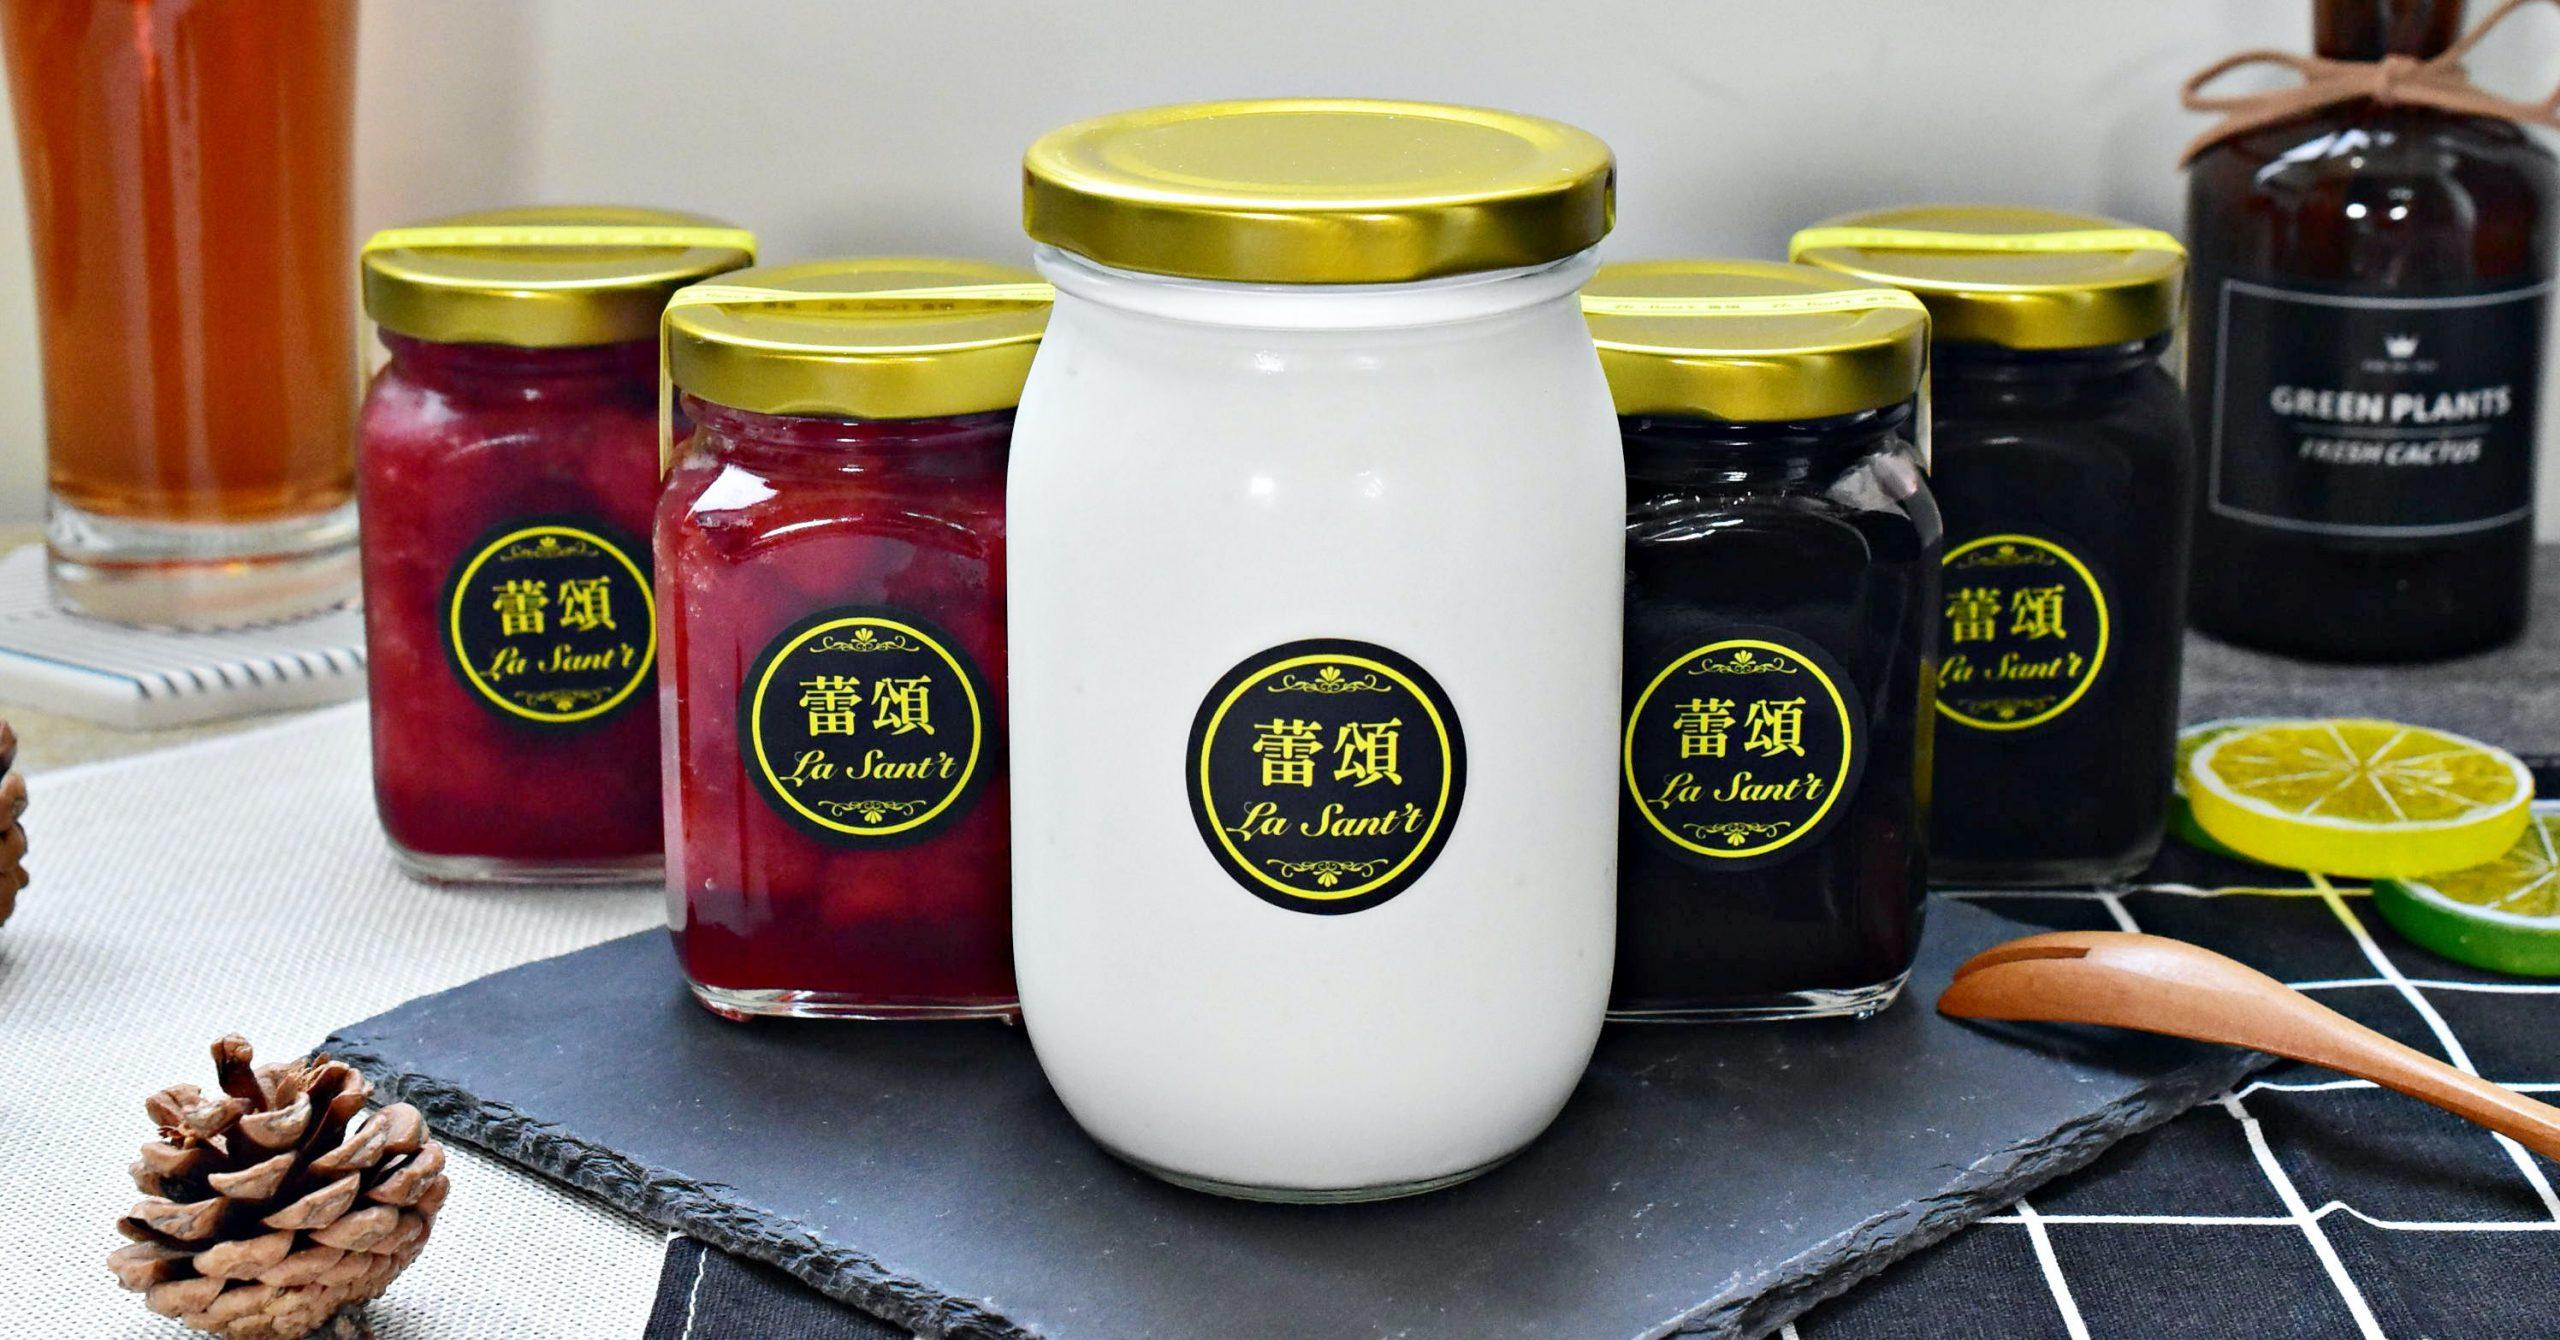 蕾頌優格手作果醬